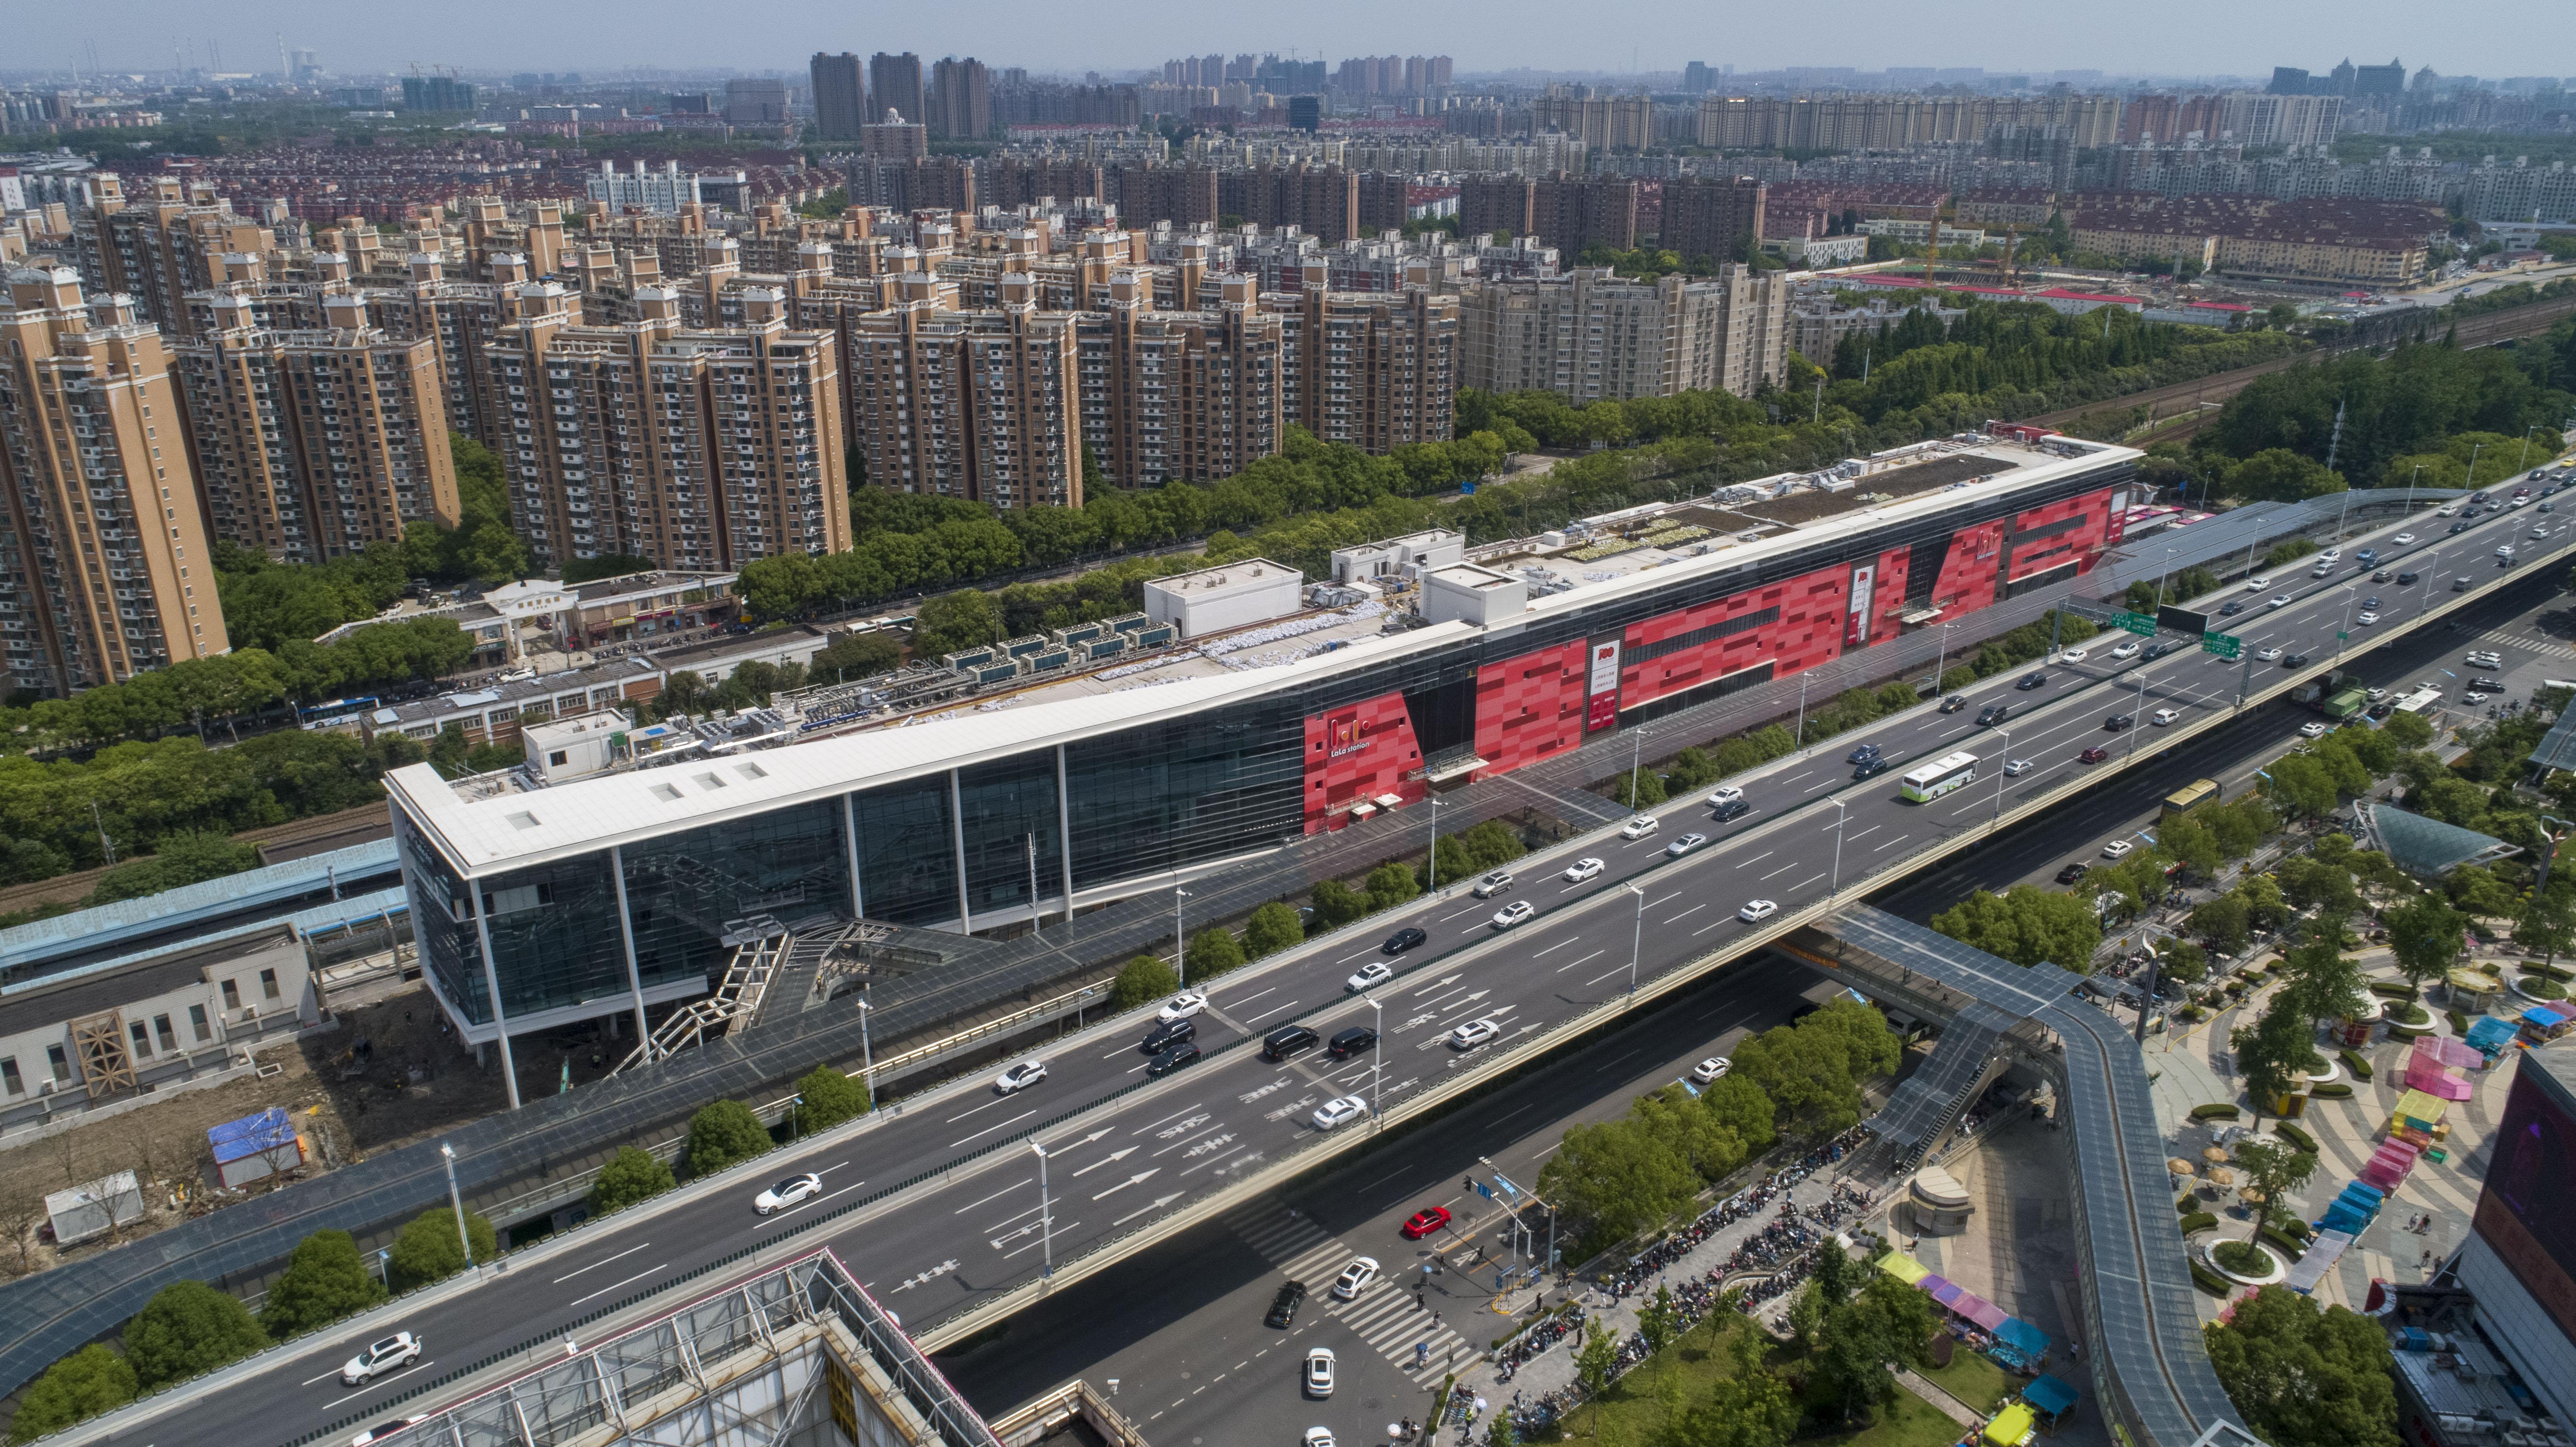 海外における三井不動産初の駅ビル商業施設「三井ショッピングパーク ららステーション上海蓮花路」に名称決定。中国・上海に2021年内開業予定